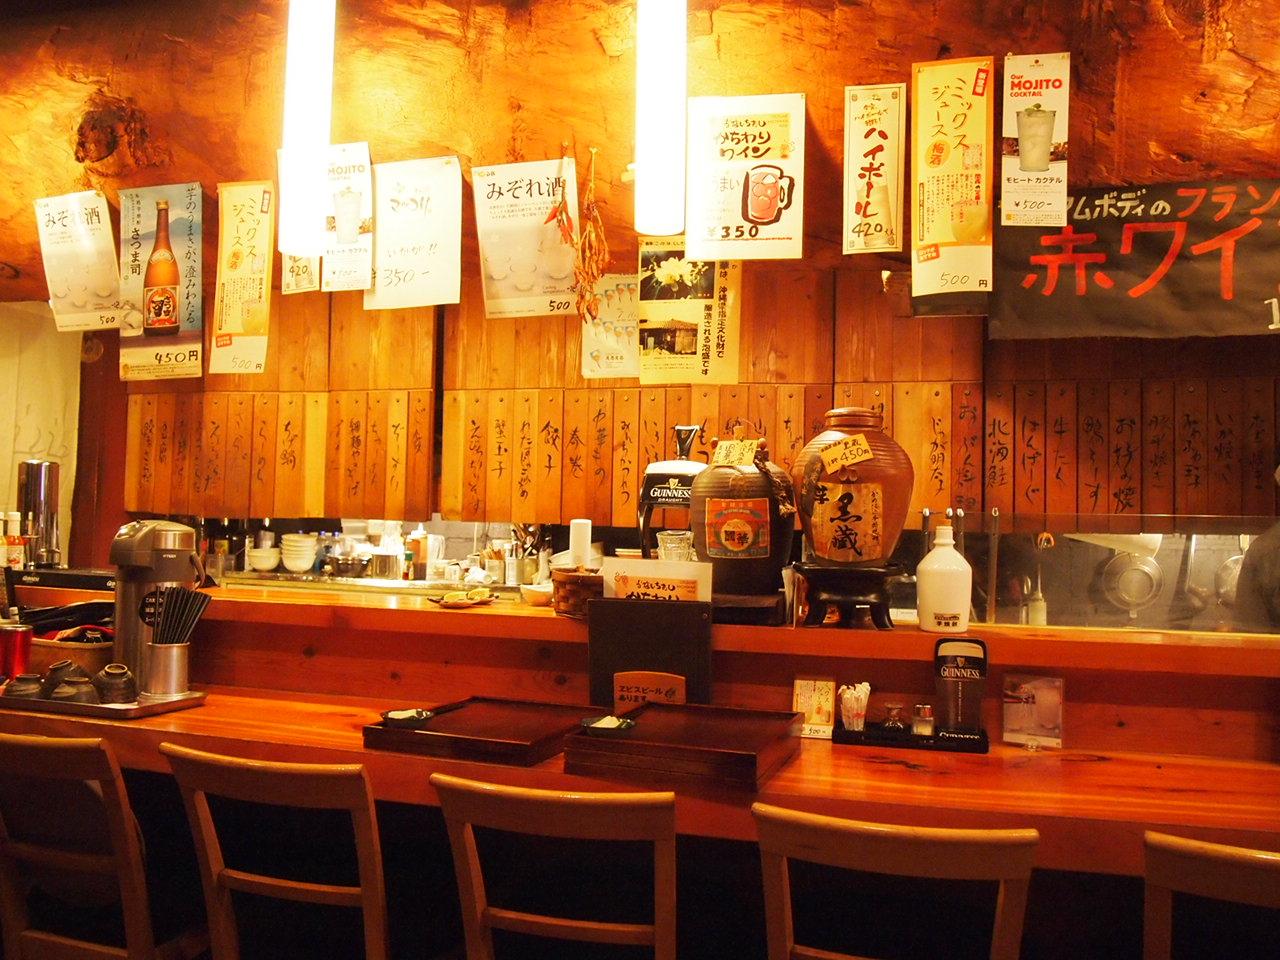 岡崎市・おすすめ居酒屋11選!個室完備・安い・飲み放題など人気店を厳選!